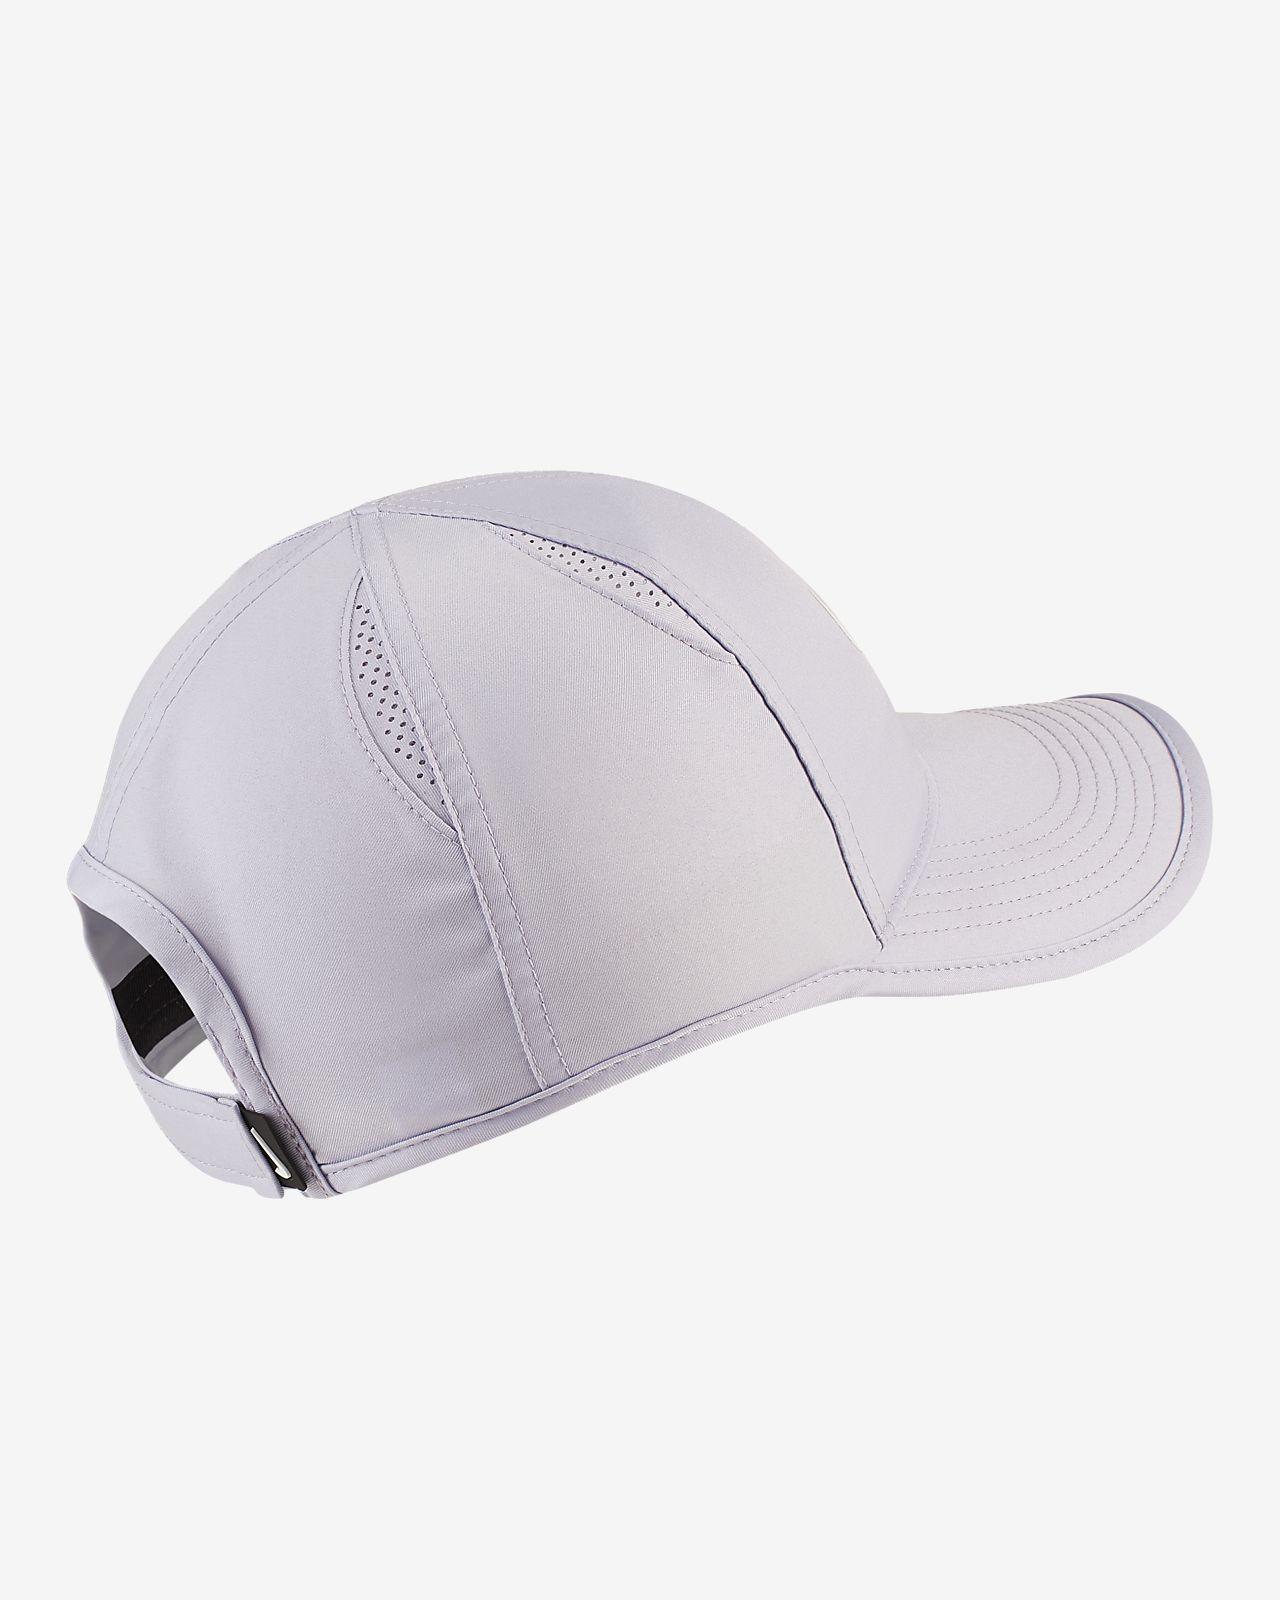 b9272d83 NikeCourt AeroBill Featherlight Women's Tennis Cap. Nike.com